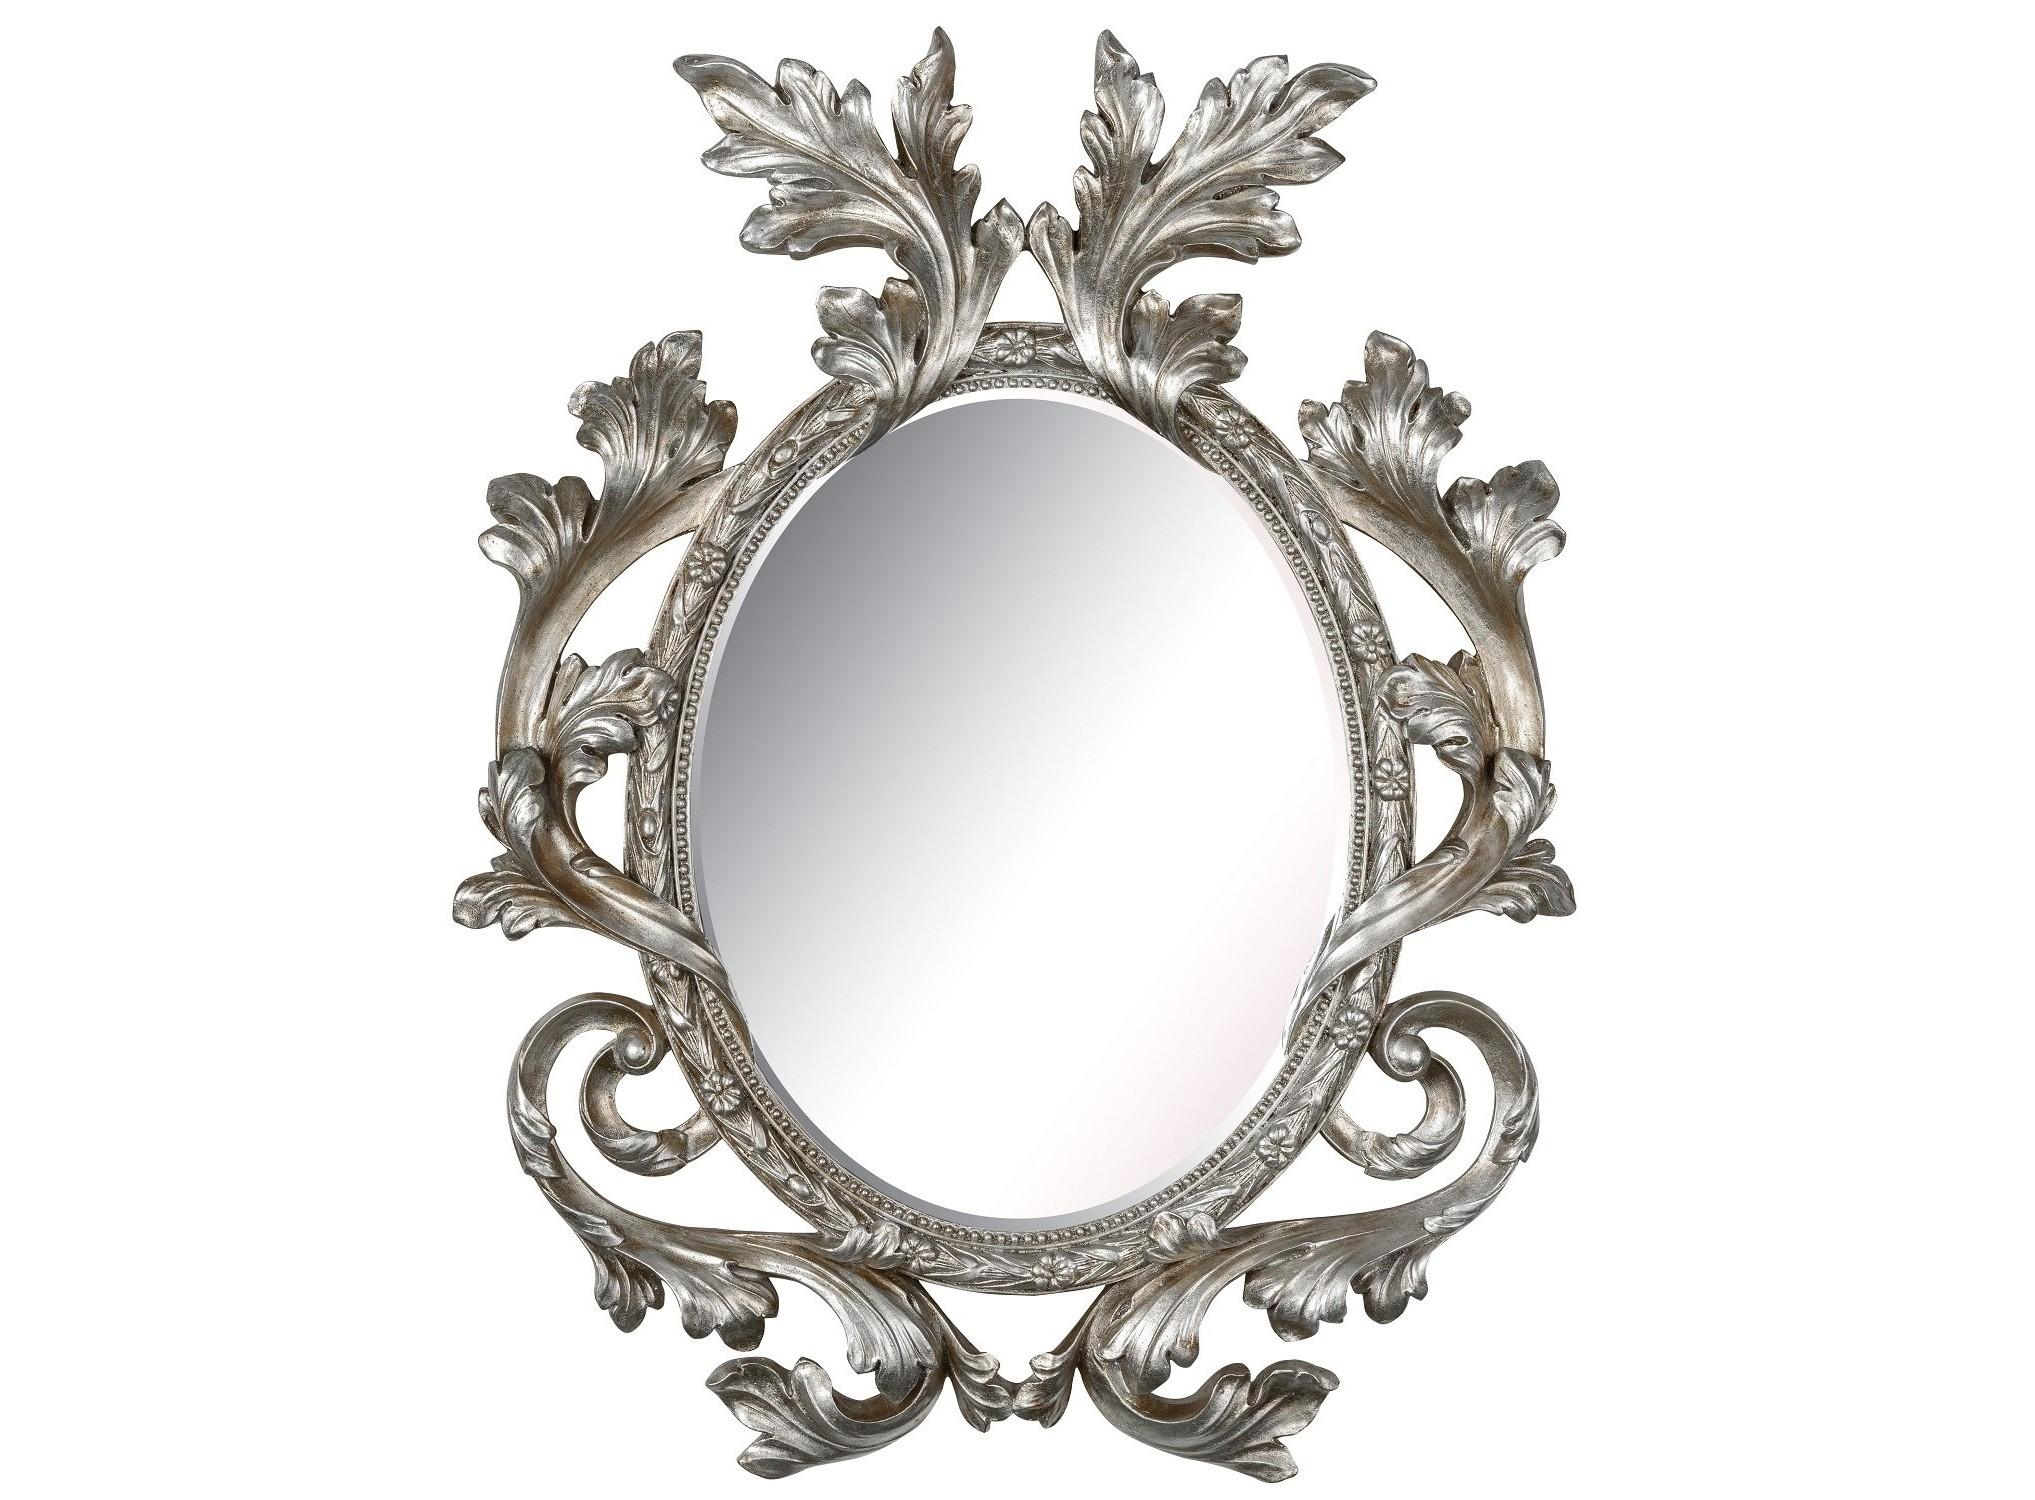 Зеркало Glory SilverНастенные зеркала<br><br><br>Material: Полирезин<br>Width см: 69<br>Depth см: 5<br>Height см: 87